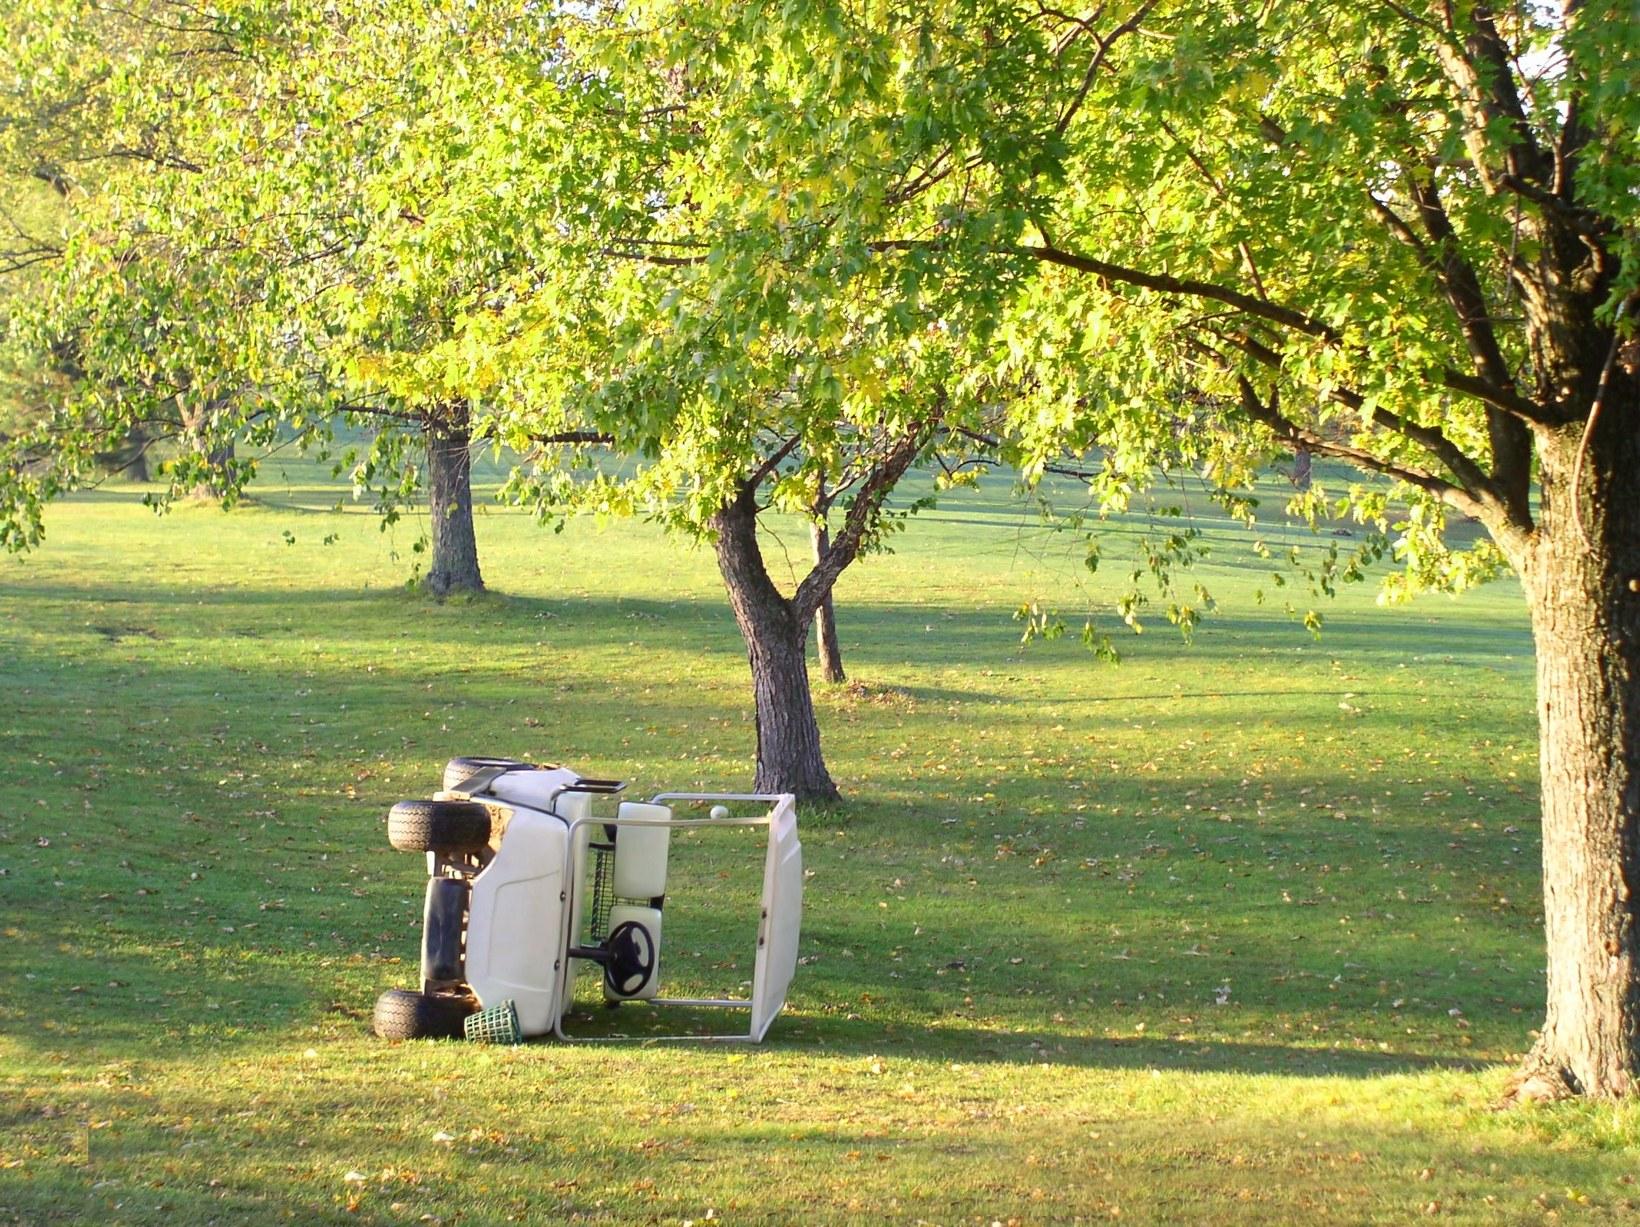 161117-golf-cart.jpg